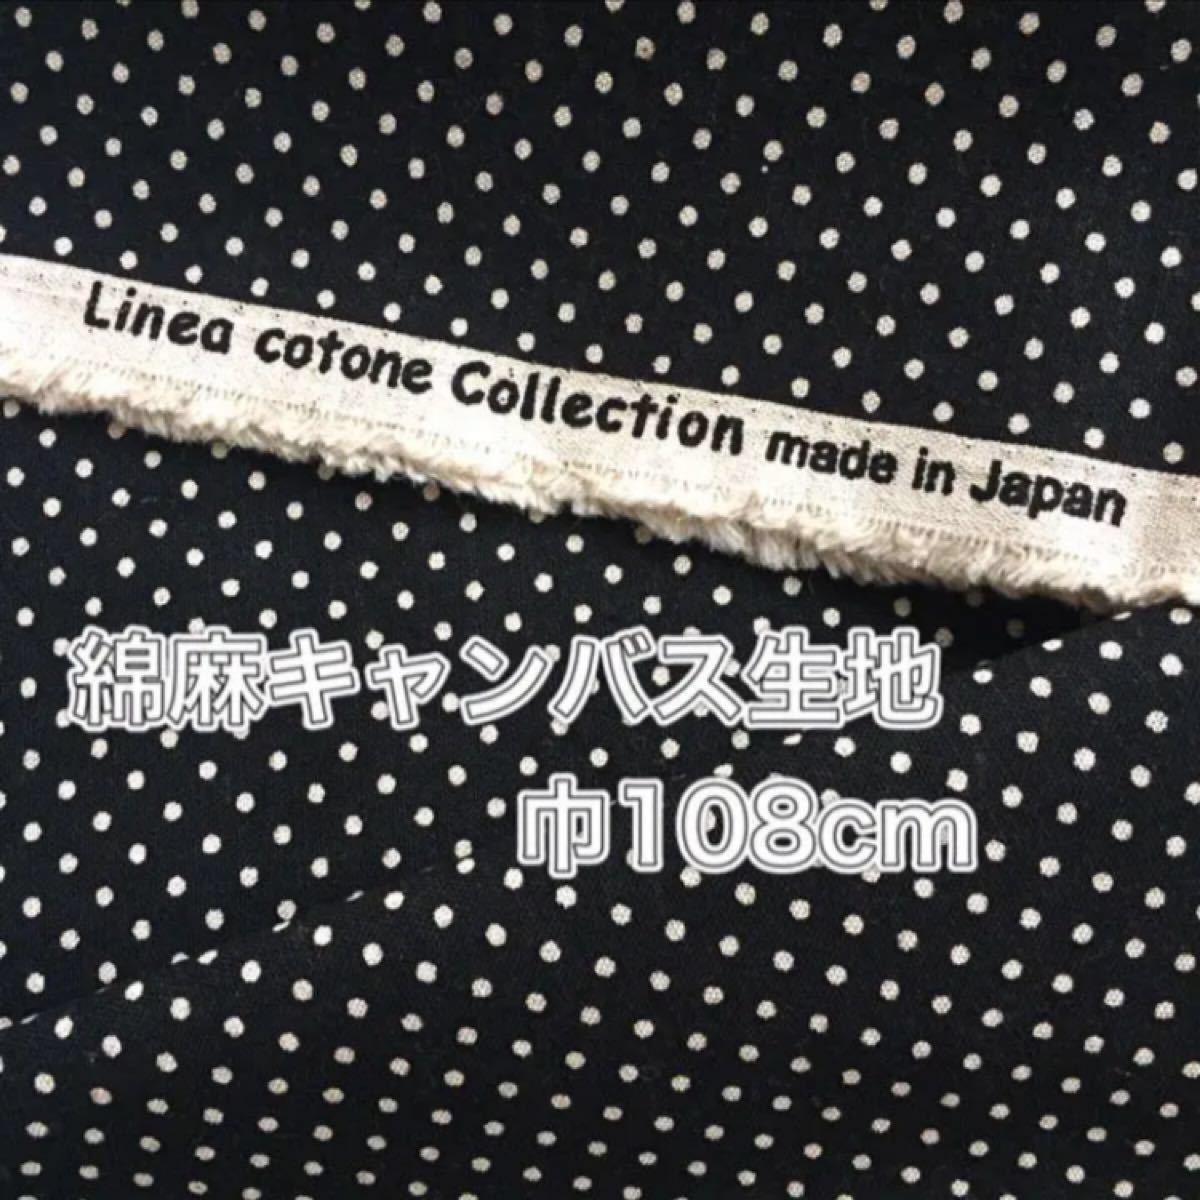 綿麻生地☆ドット柄 巾108×50 はぎれ 黒 リネン キャンバス 日本製